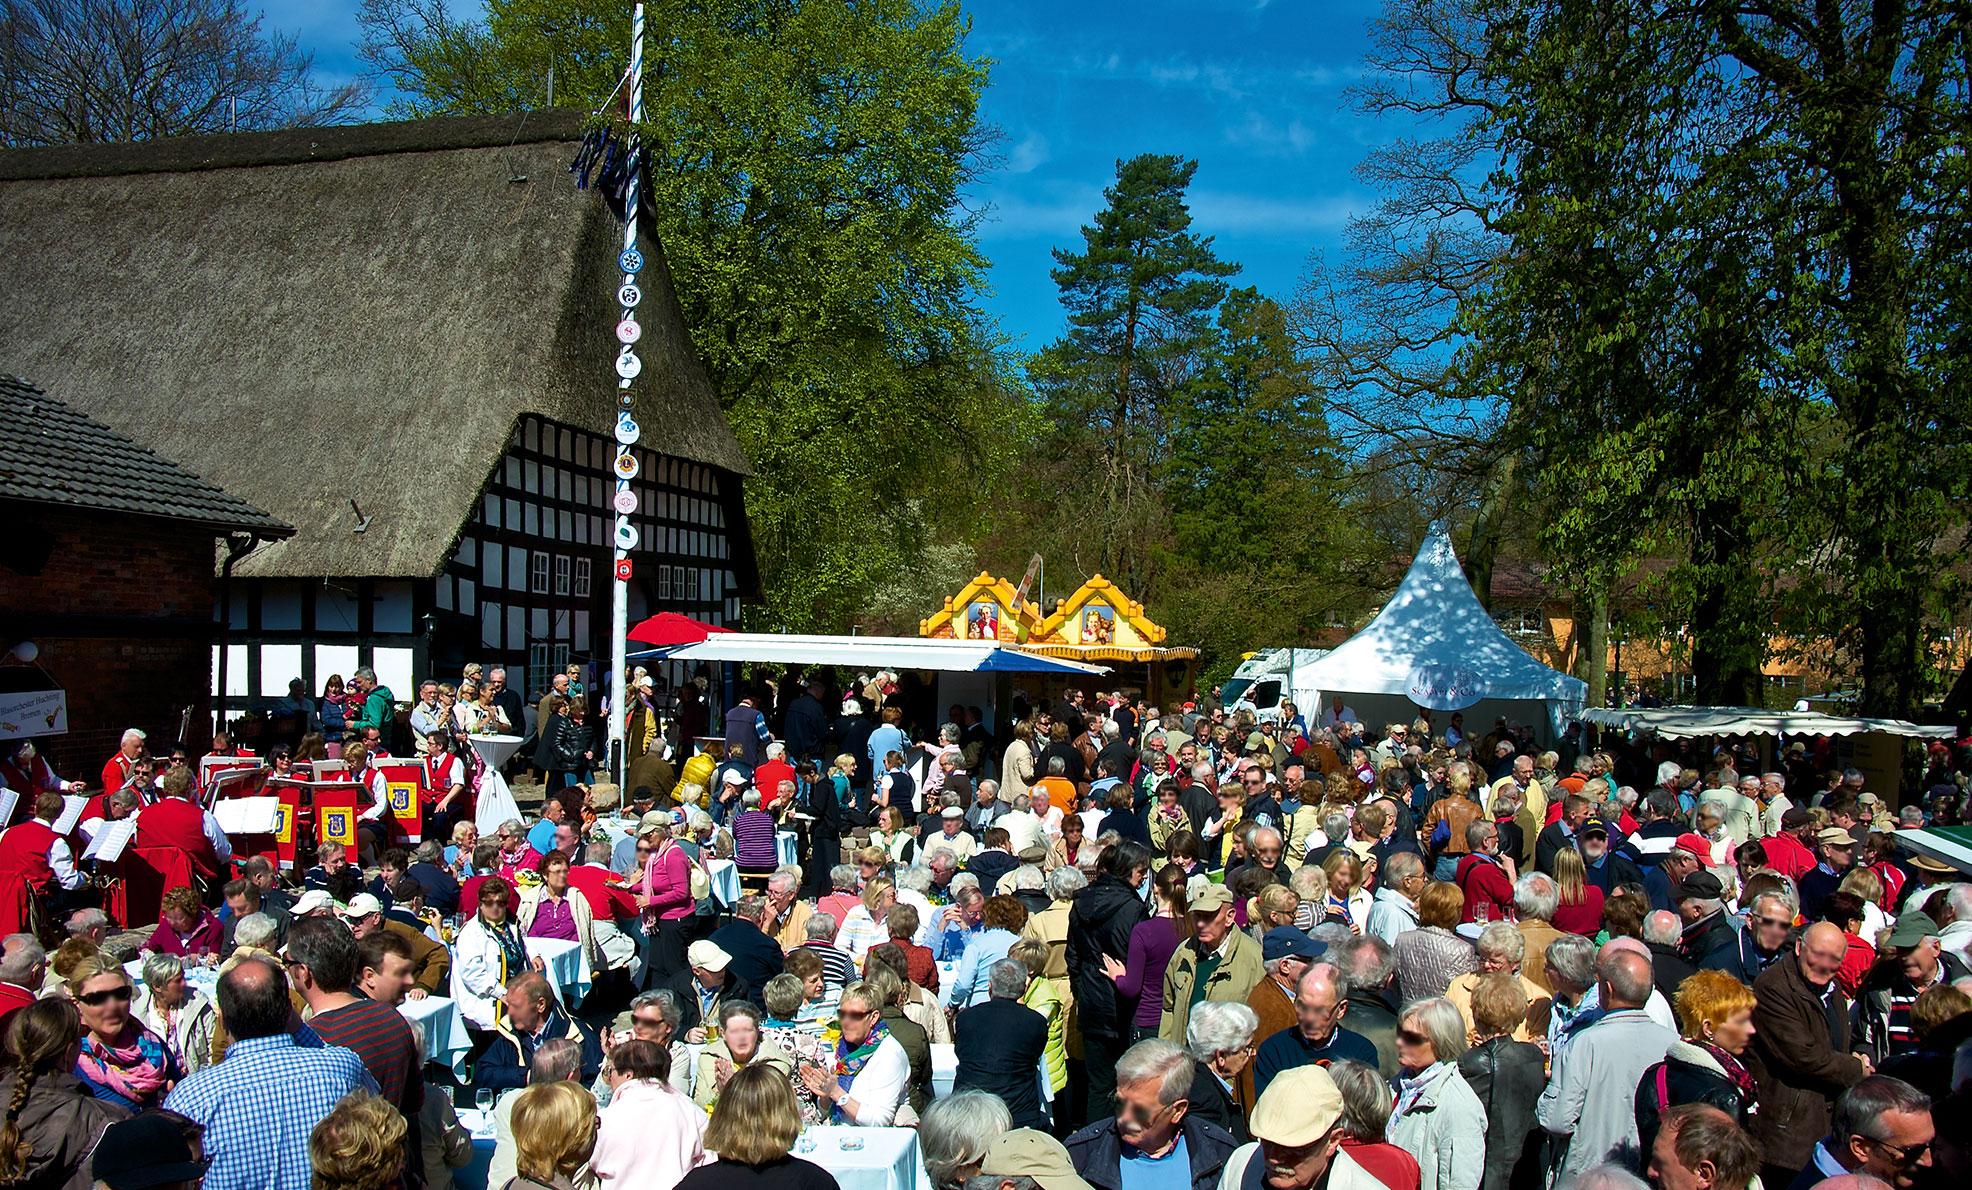 Zahlreiche Gäste bei einer Mai-Feier vor dem Lür-Kropp-Hof